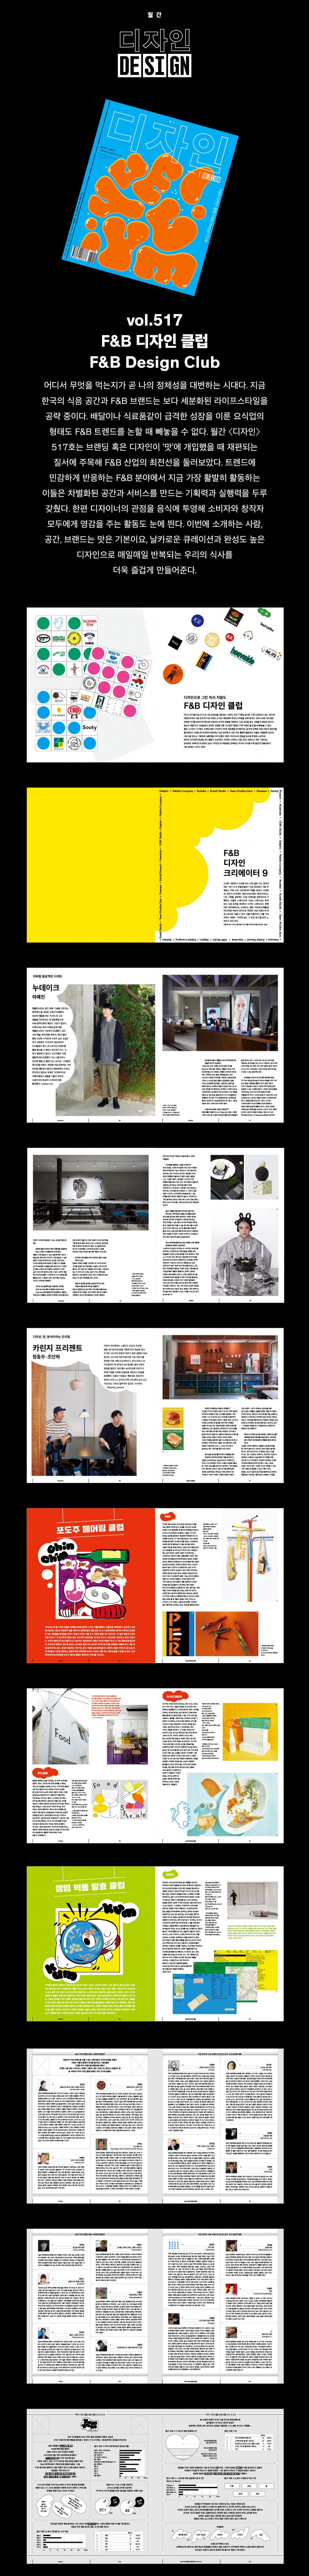 월간디자인(MONTHLY DESIGN) 월간 디자인 Vol. 517 / 2021.07 F&B 디자인 클럽